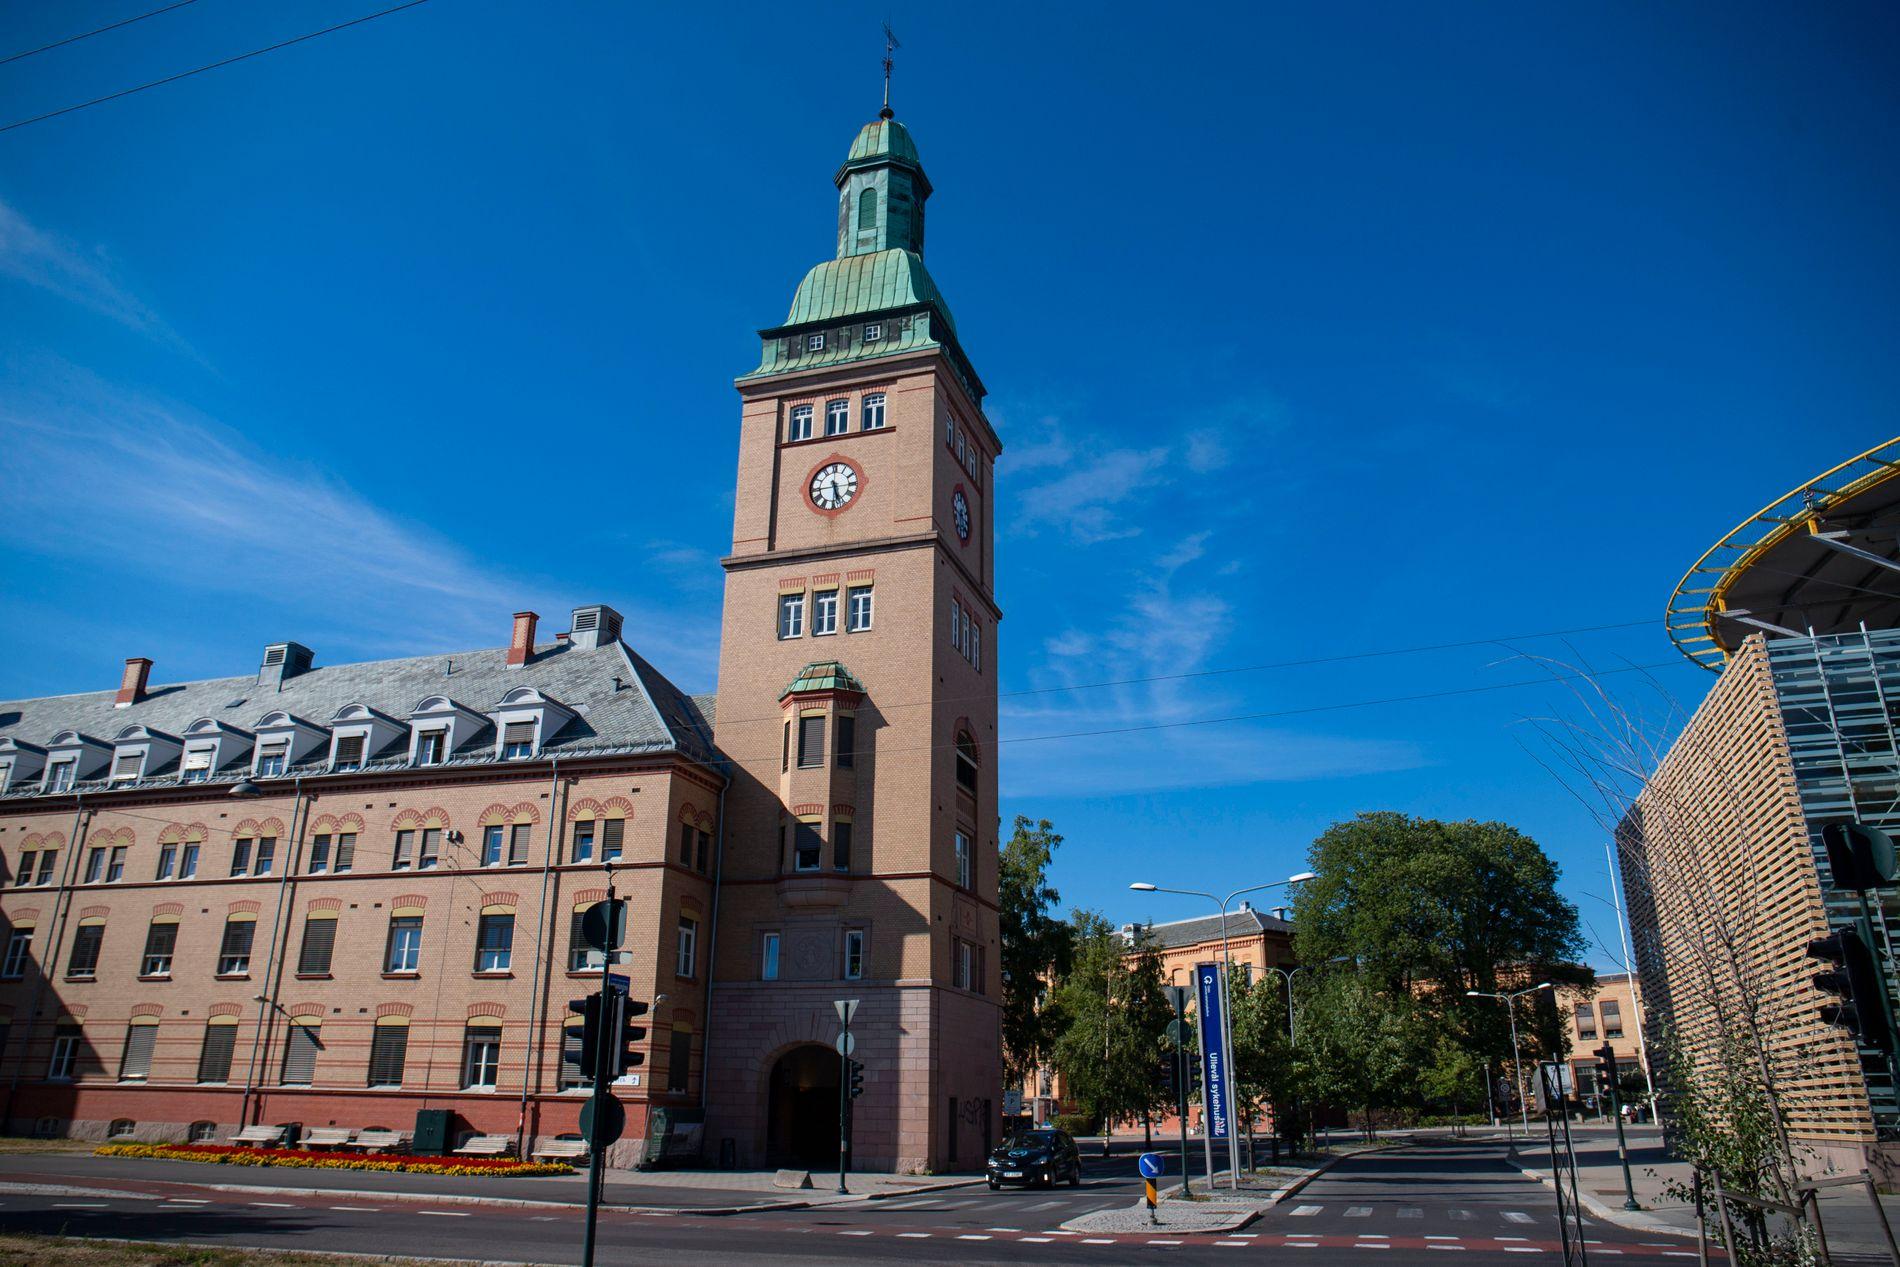 ALTERNATIV SOM SKAL «BELYSES» Styret i Helse Sør-Øst går videre med planene om å bygge et nytt storsykehus på Gaustad i Oslo. Det kan bety slutten for Ullevål sykehus.